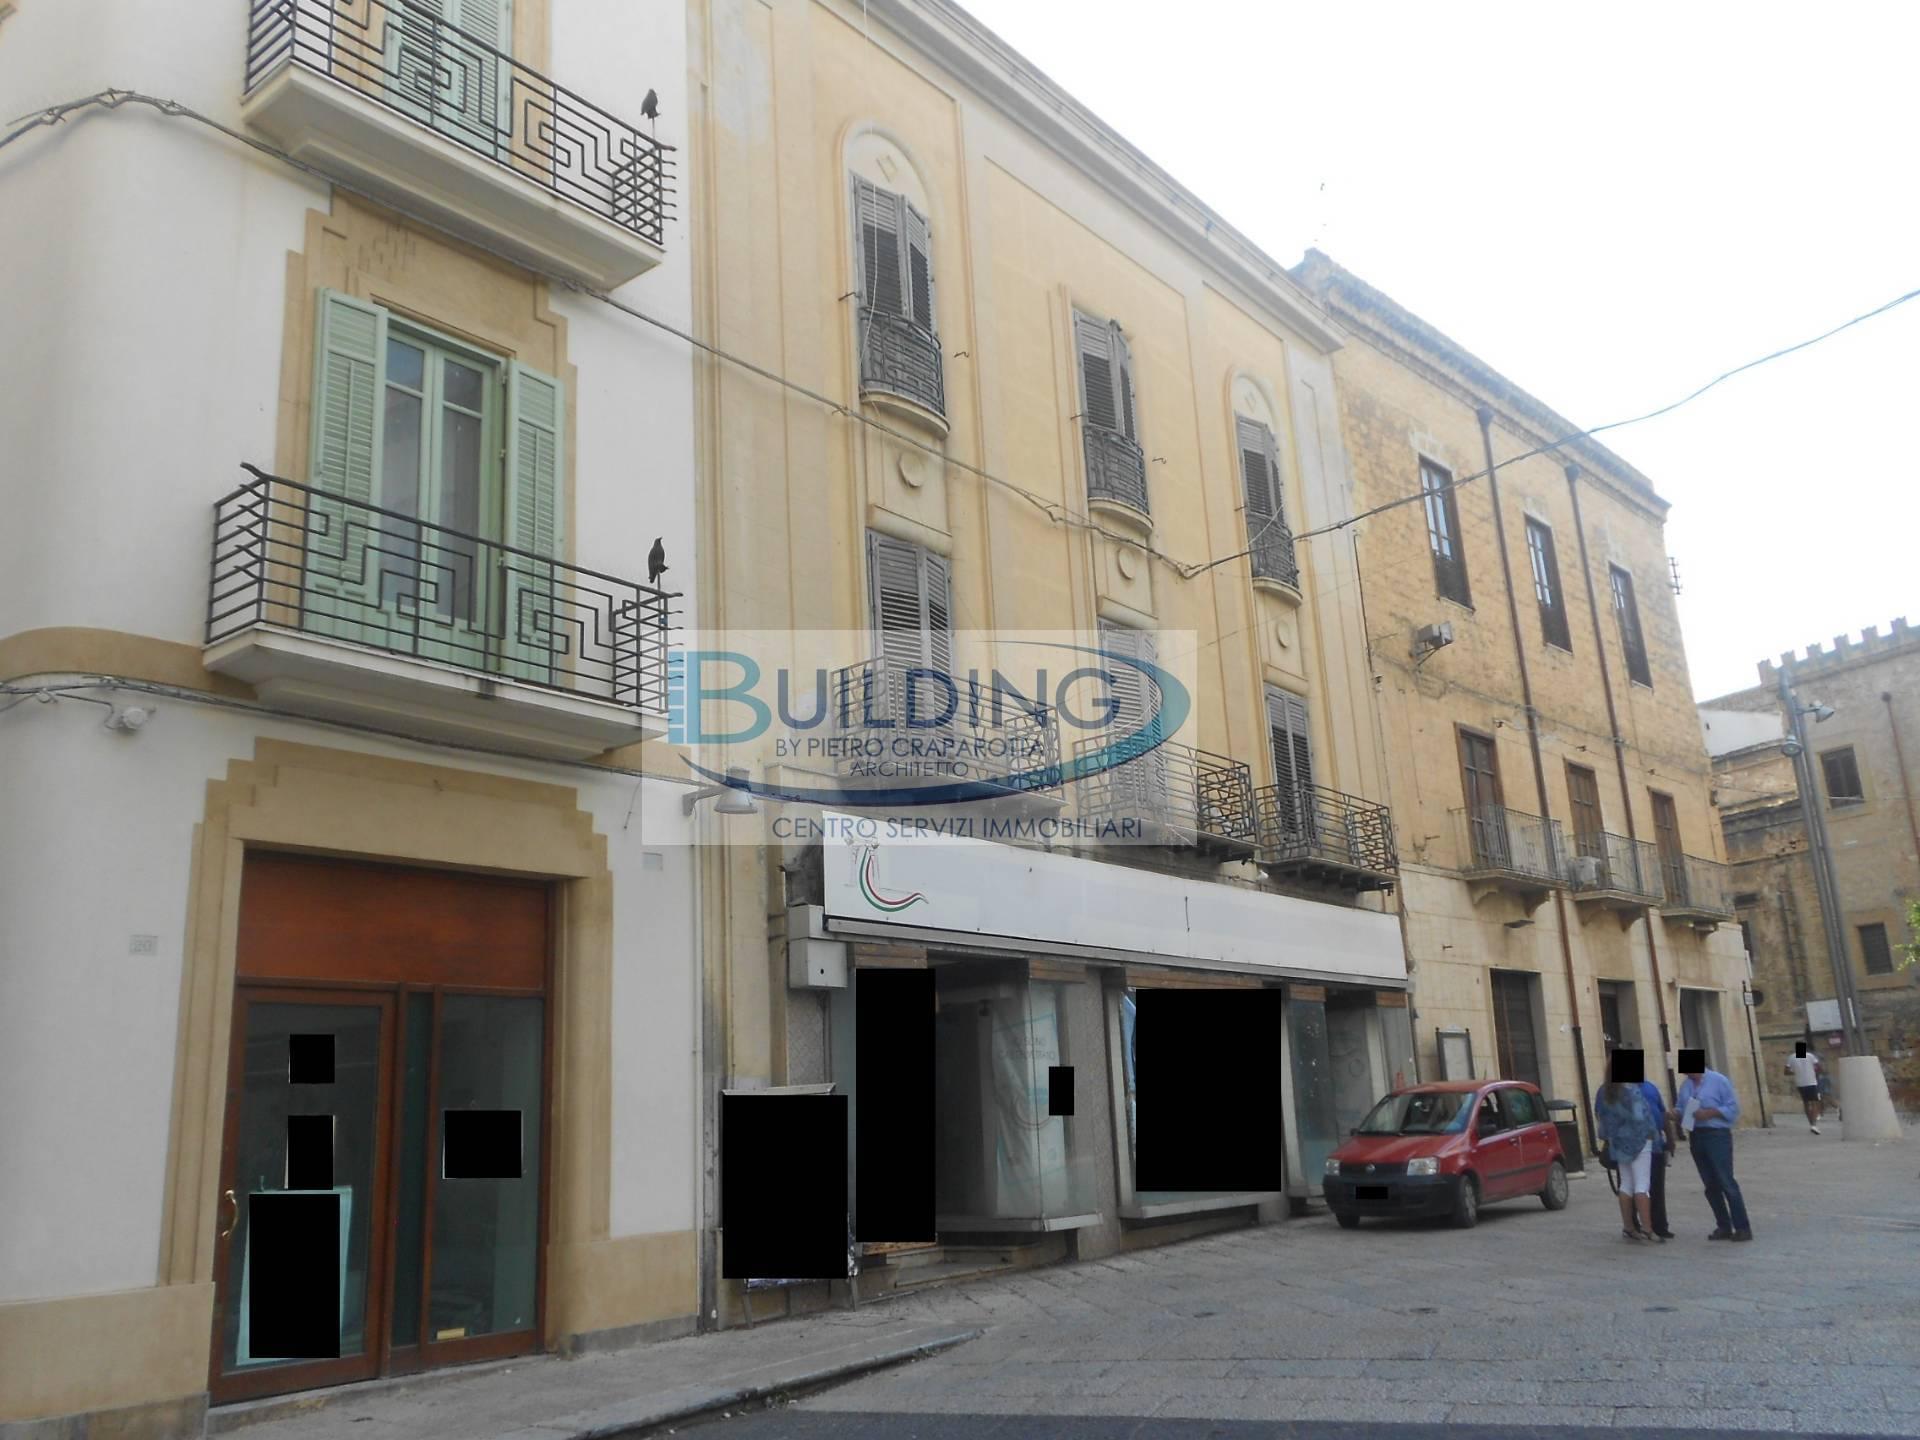 Appartamento in vendita a Castelvetrano, 8 locali, zona Località: CastelvetranoCitt?, prezzo € 100.000 | PortaleAgenzieImmobiliari.it